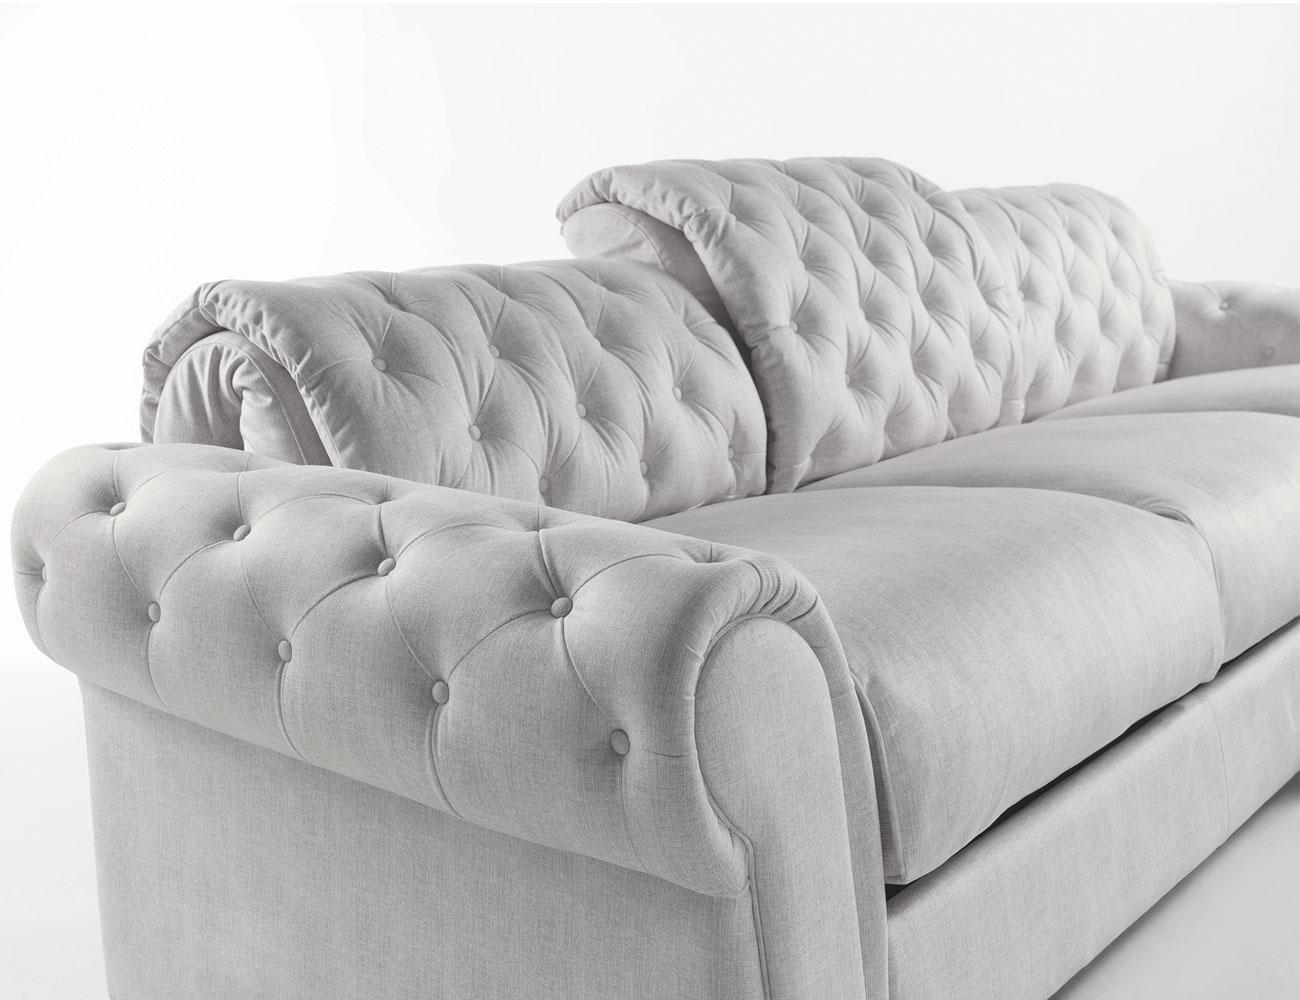 Sofa chaiselongue gran lujo decorativo capitone blanco tela 152